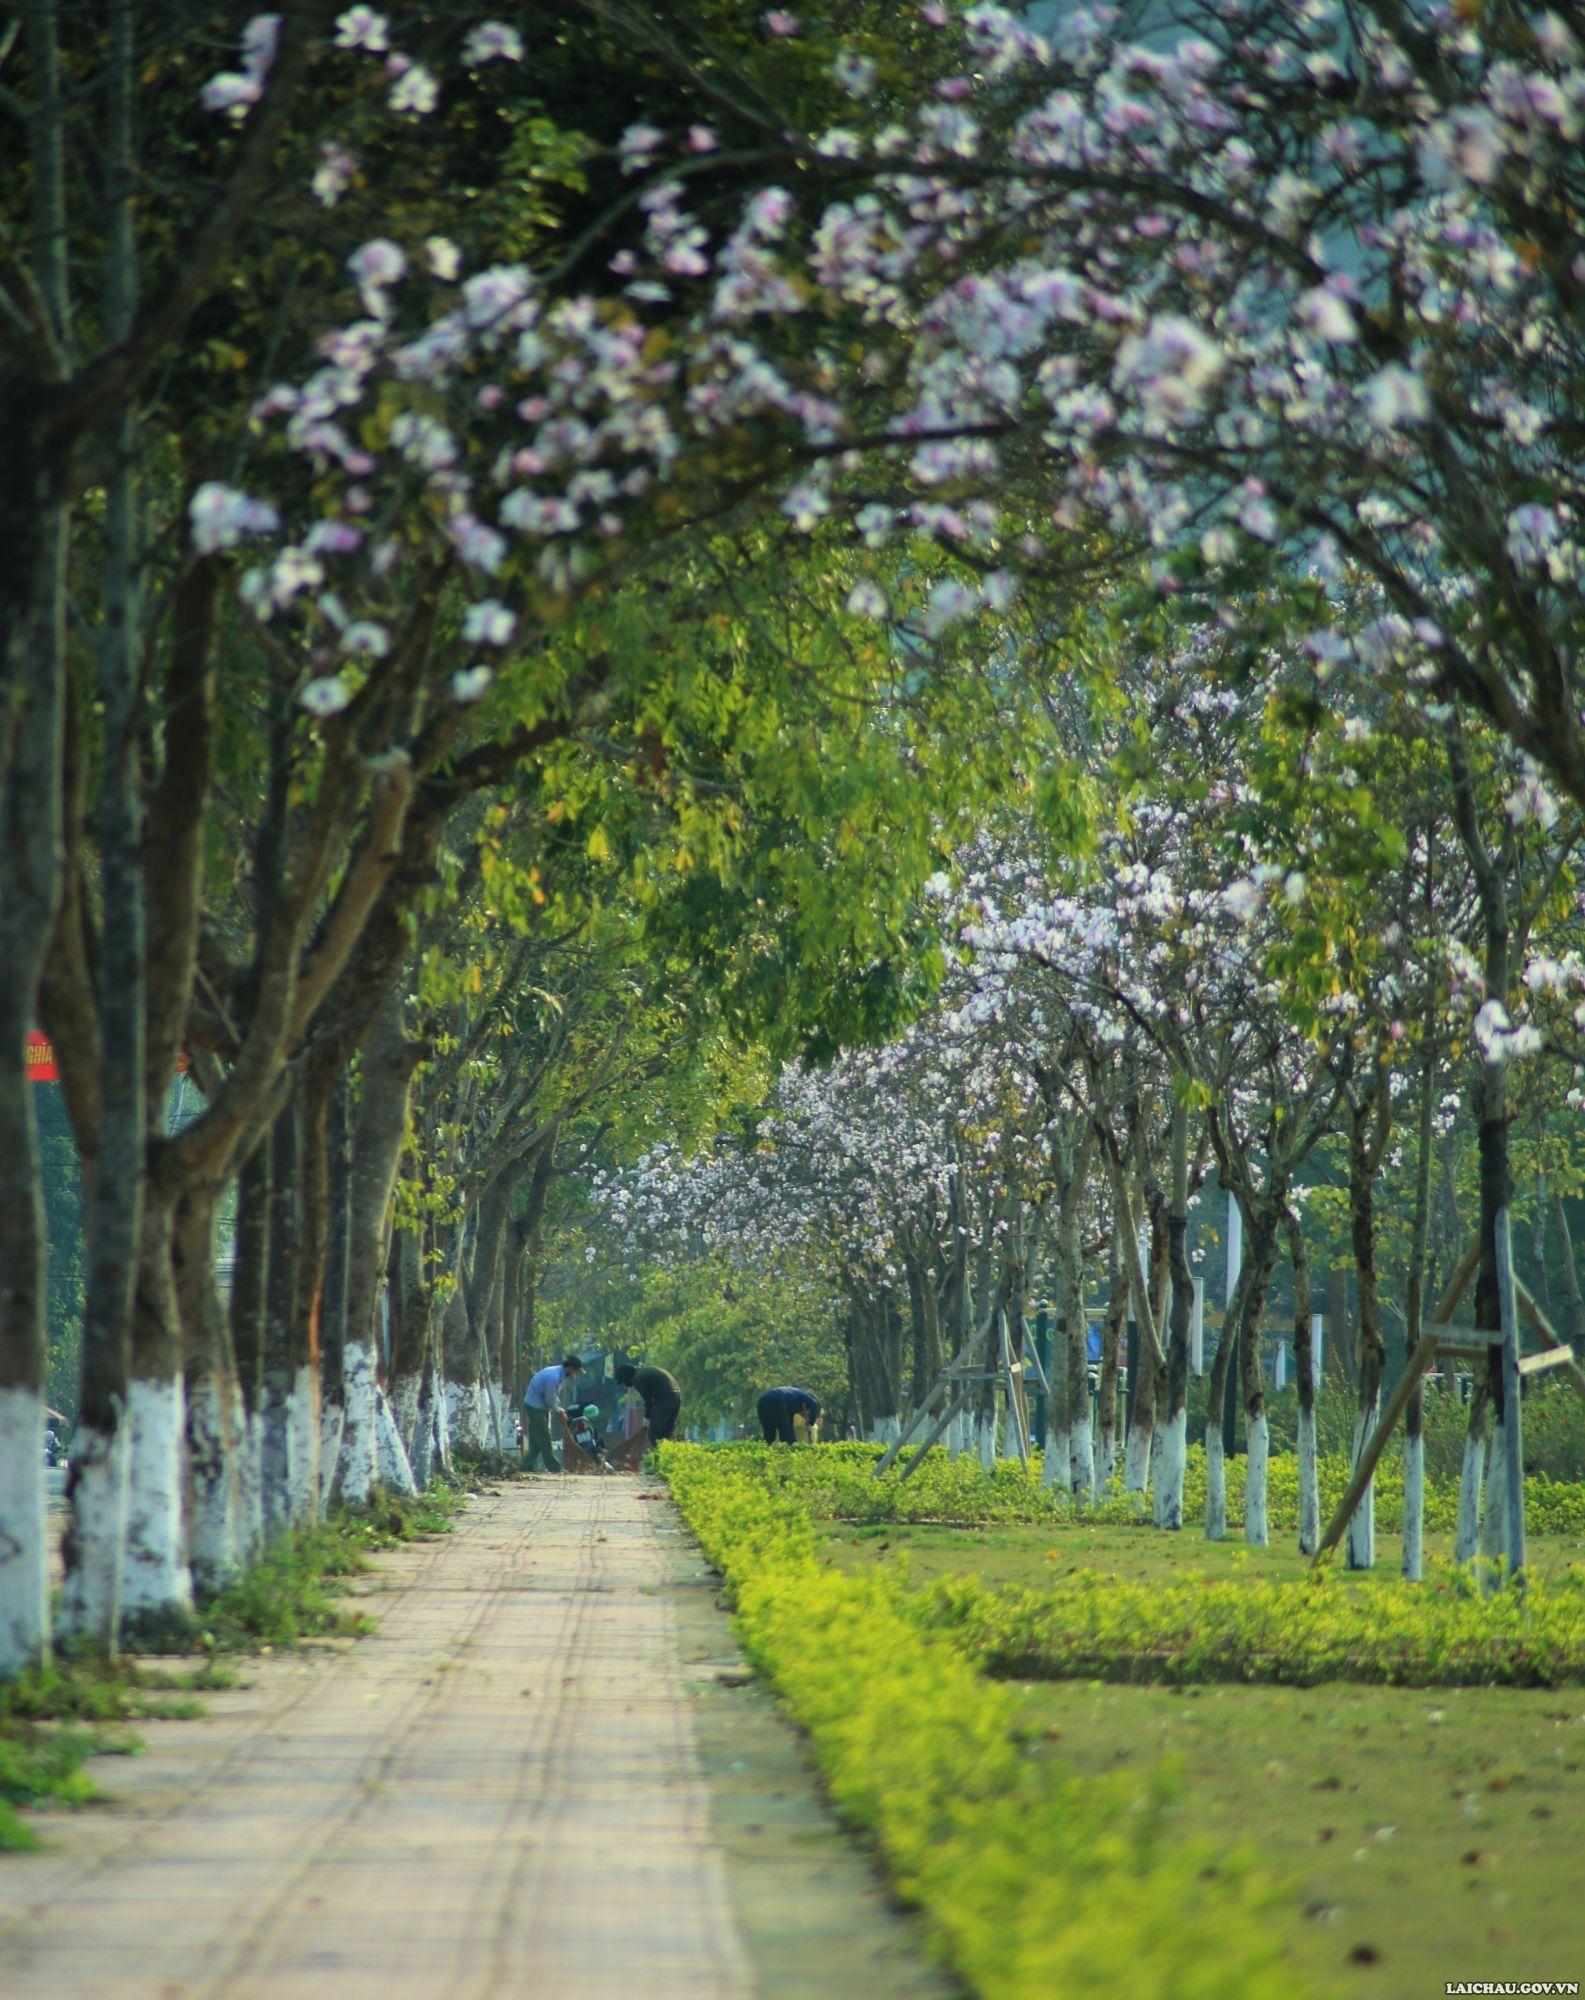 Ở Lai Châu, hoa ban được trồng tại nhiều tuyến phố, công viên, nơi công cộng